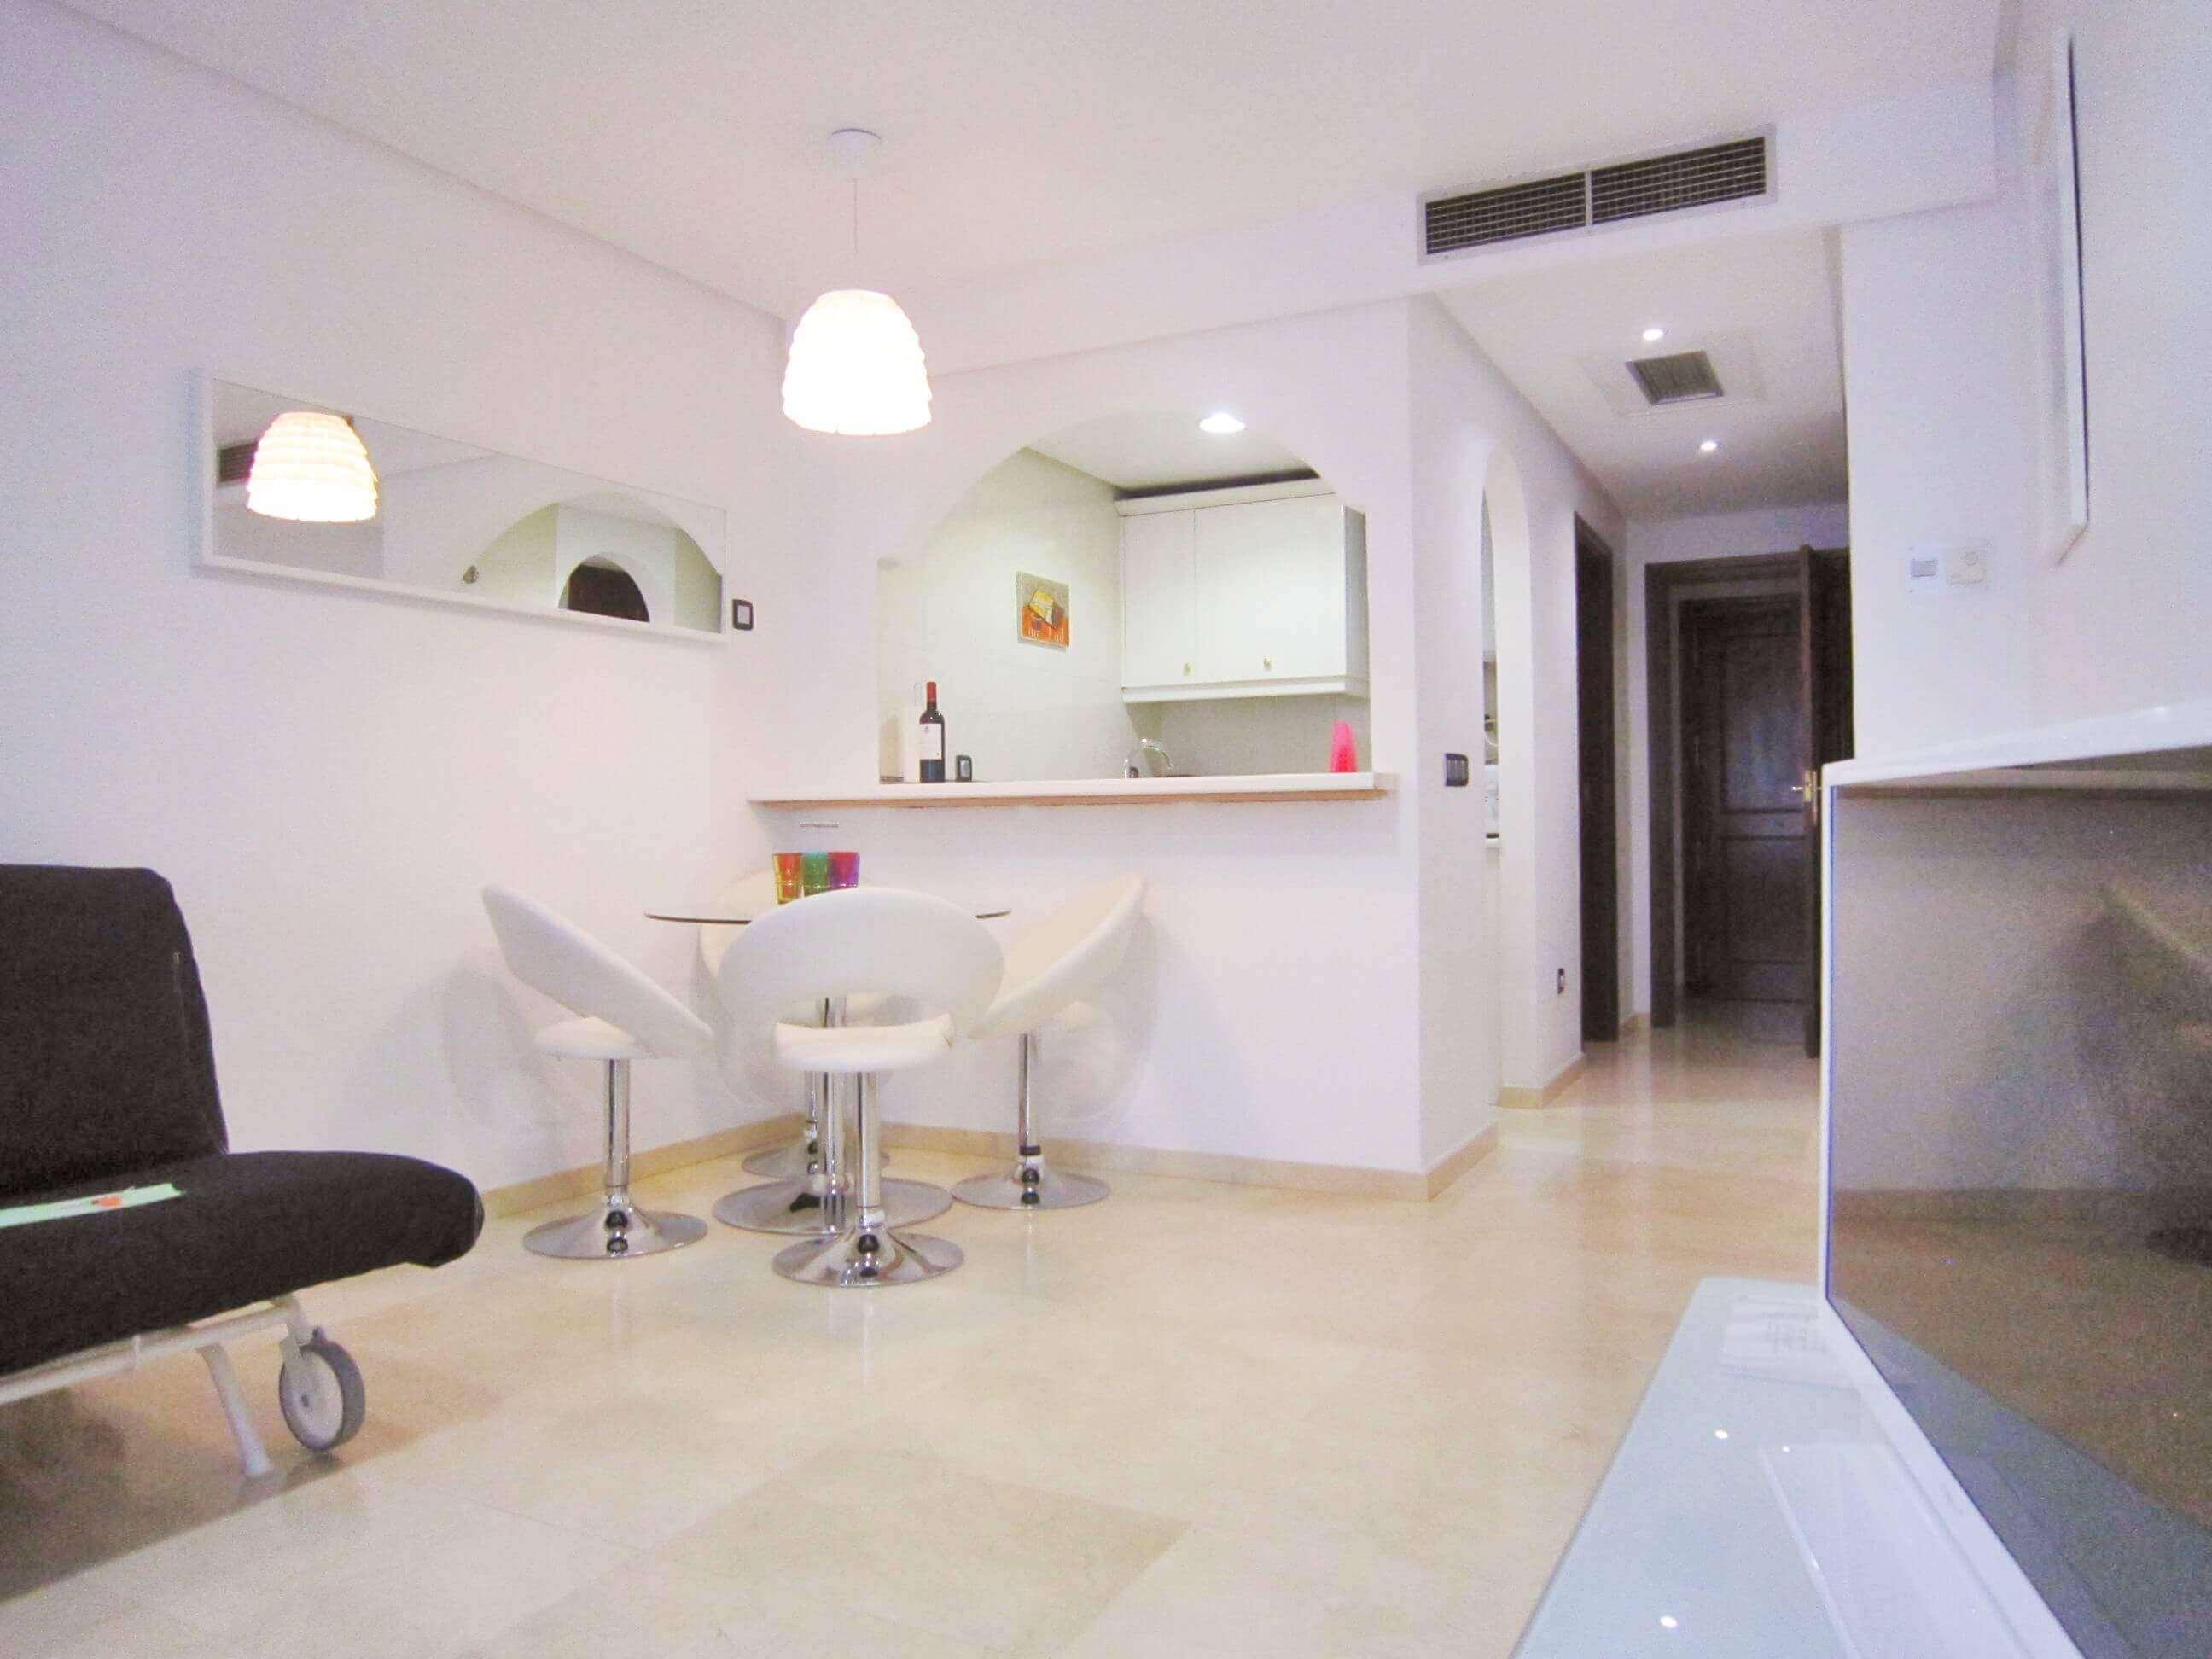 pisos alquiler Madrid - Madrid Alquiler Por Días